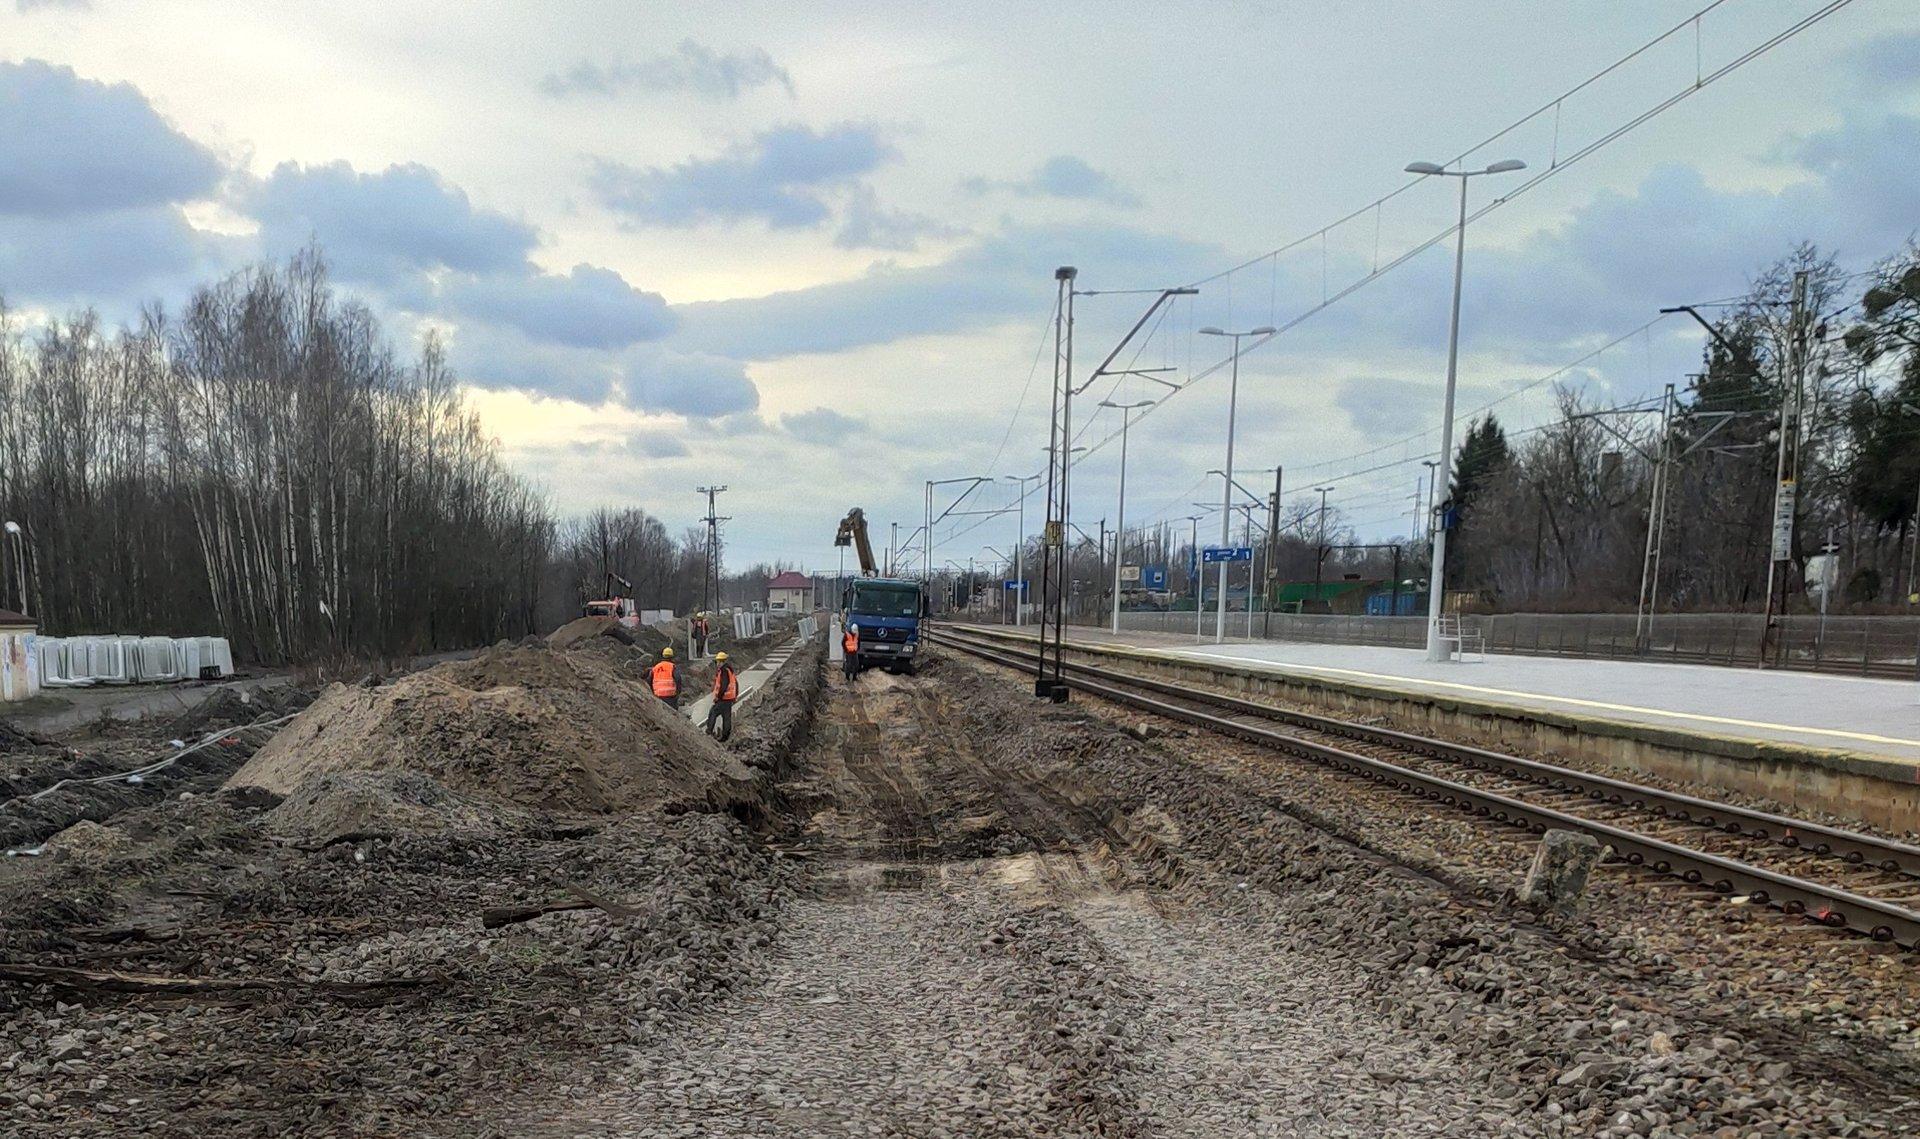 W sumie inwestycje na odcinku Łódź Kaliska Zgierz obejmują m.in. pięć peronów, 25 km torów, 48 rozjazdów, trzy mosty i trzy wiadukty (fot. plk-sa.pl)